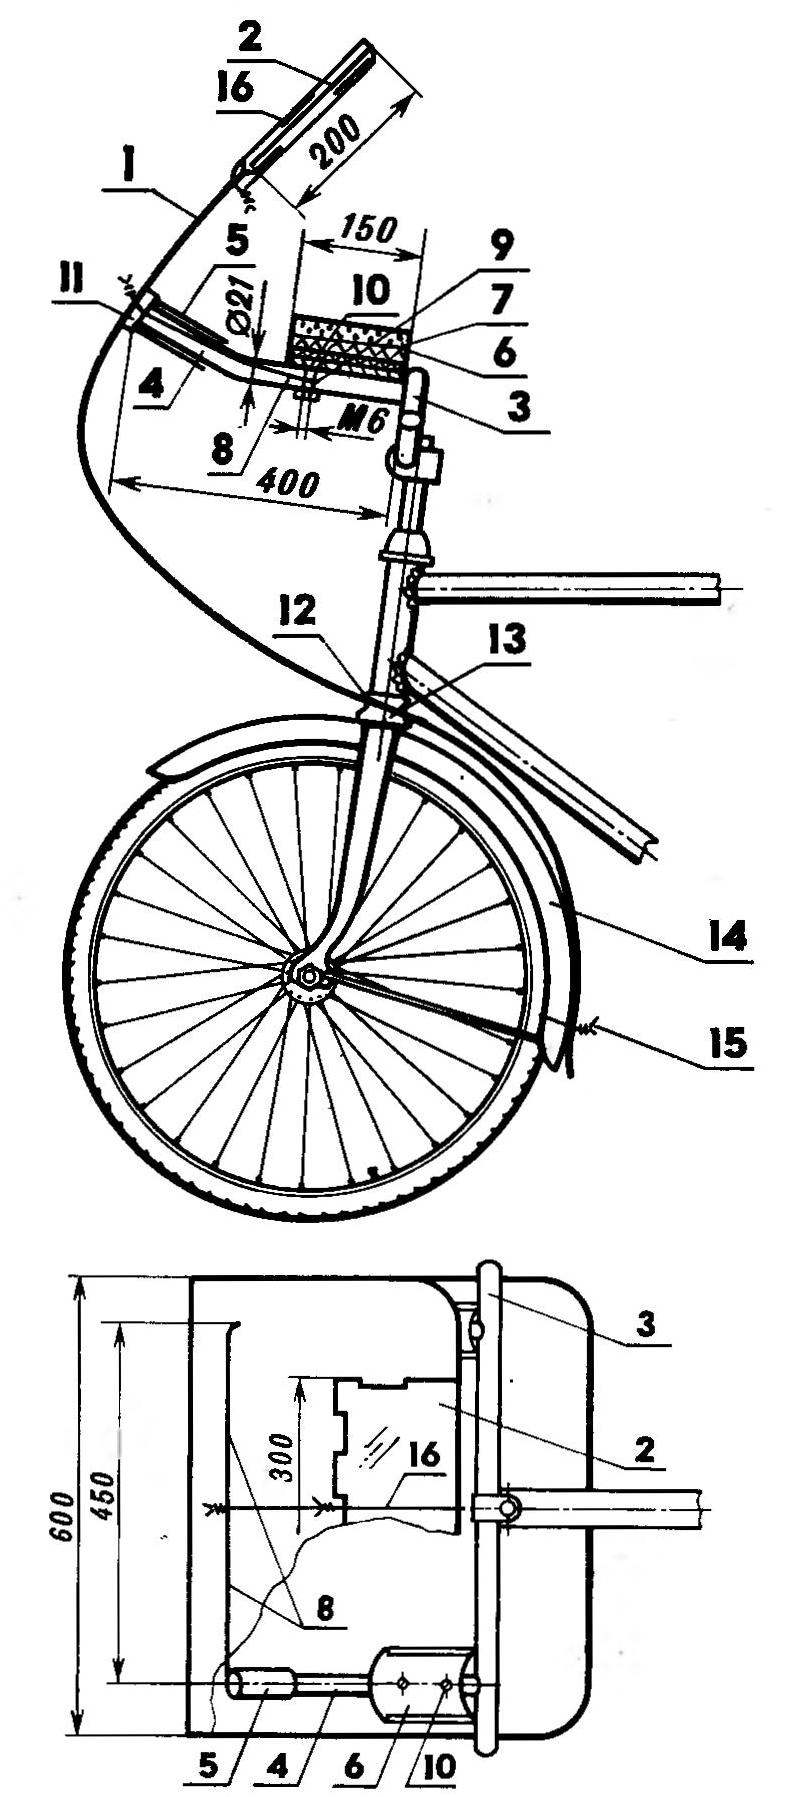 Рис. 2. Ветровой щиток для велосипеда